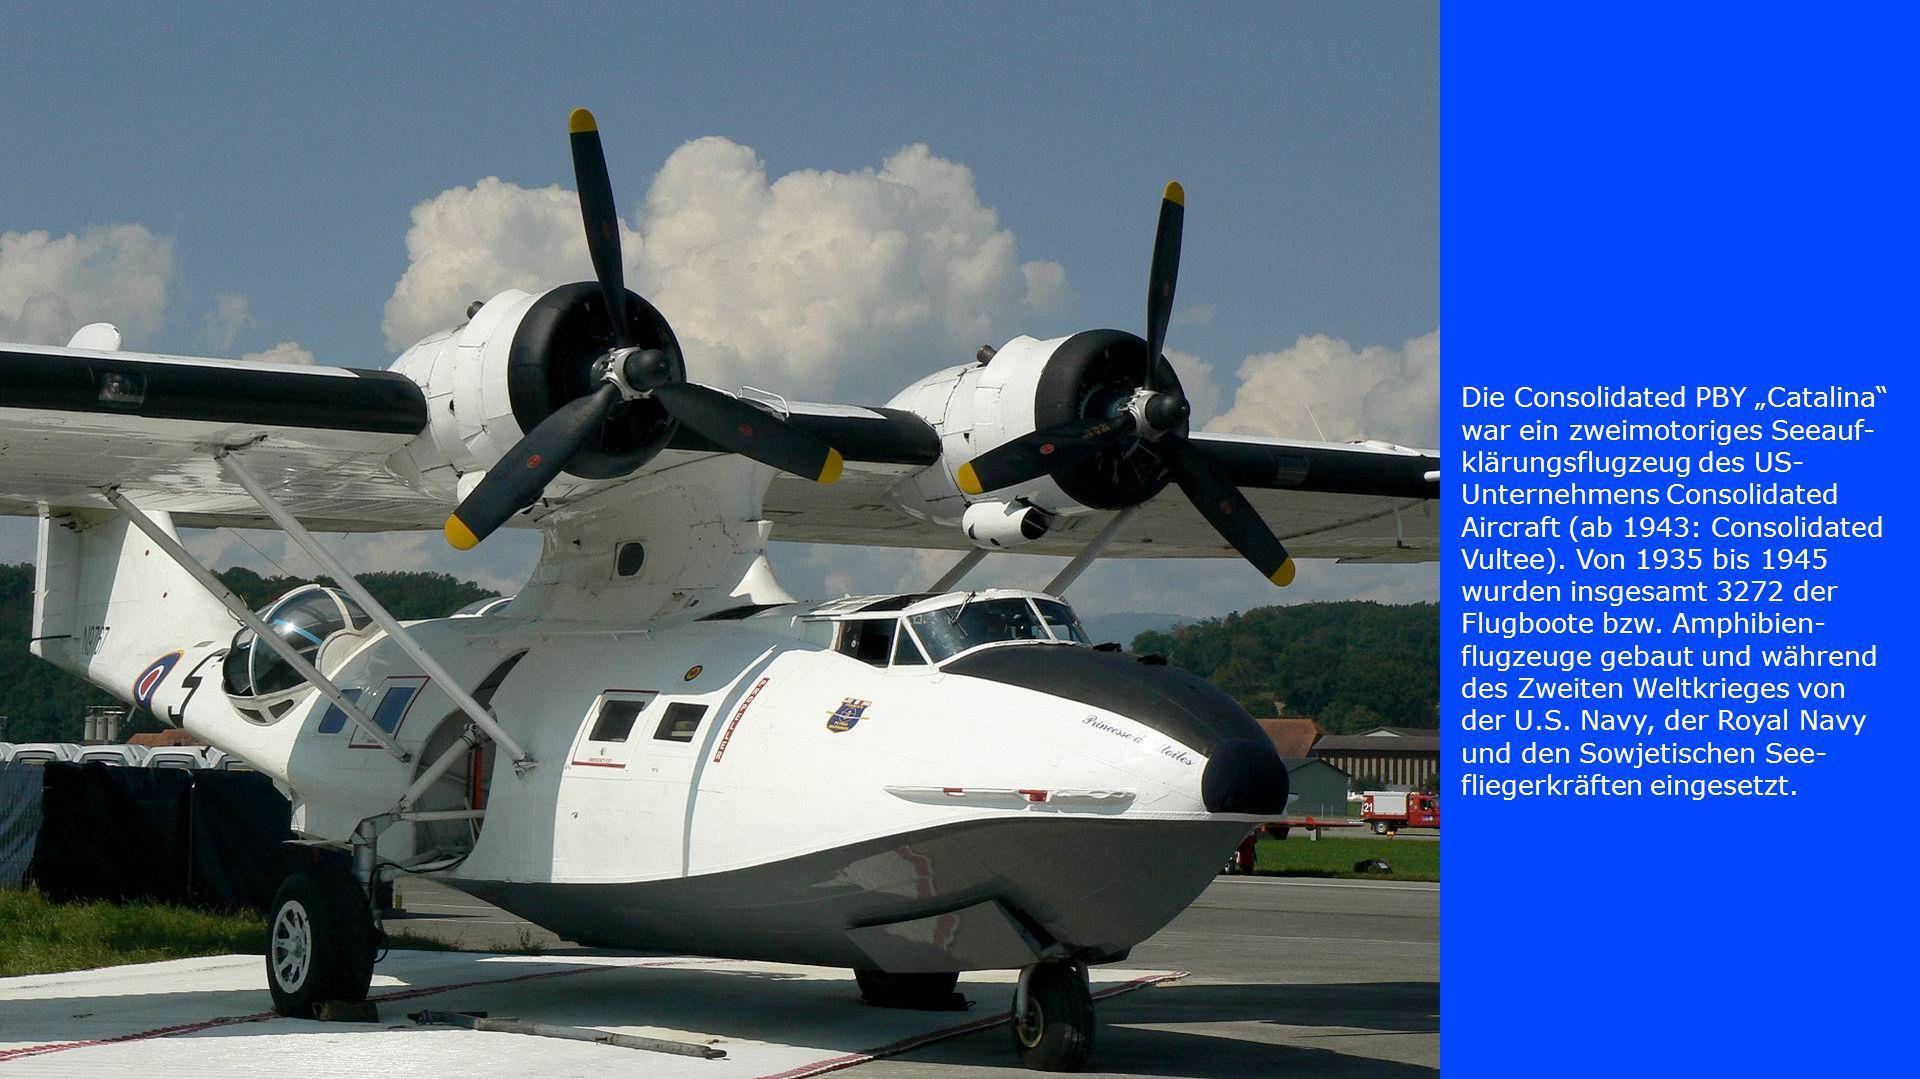 """Die Consolidated PBY """"Catalina war ein zweimotoriges Seeauf-klärungsflugzeug des US-Unternehmens Consolidated Aircraft (ab 1943: Consolidated Vultee)."""